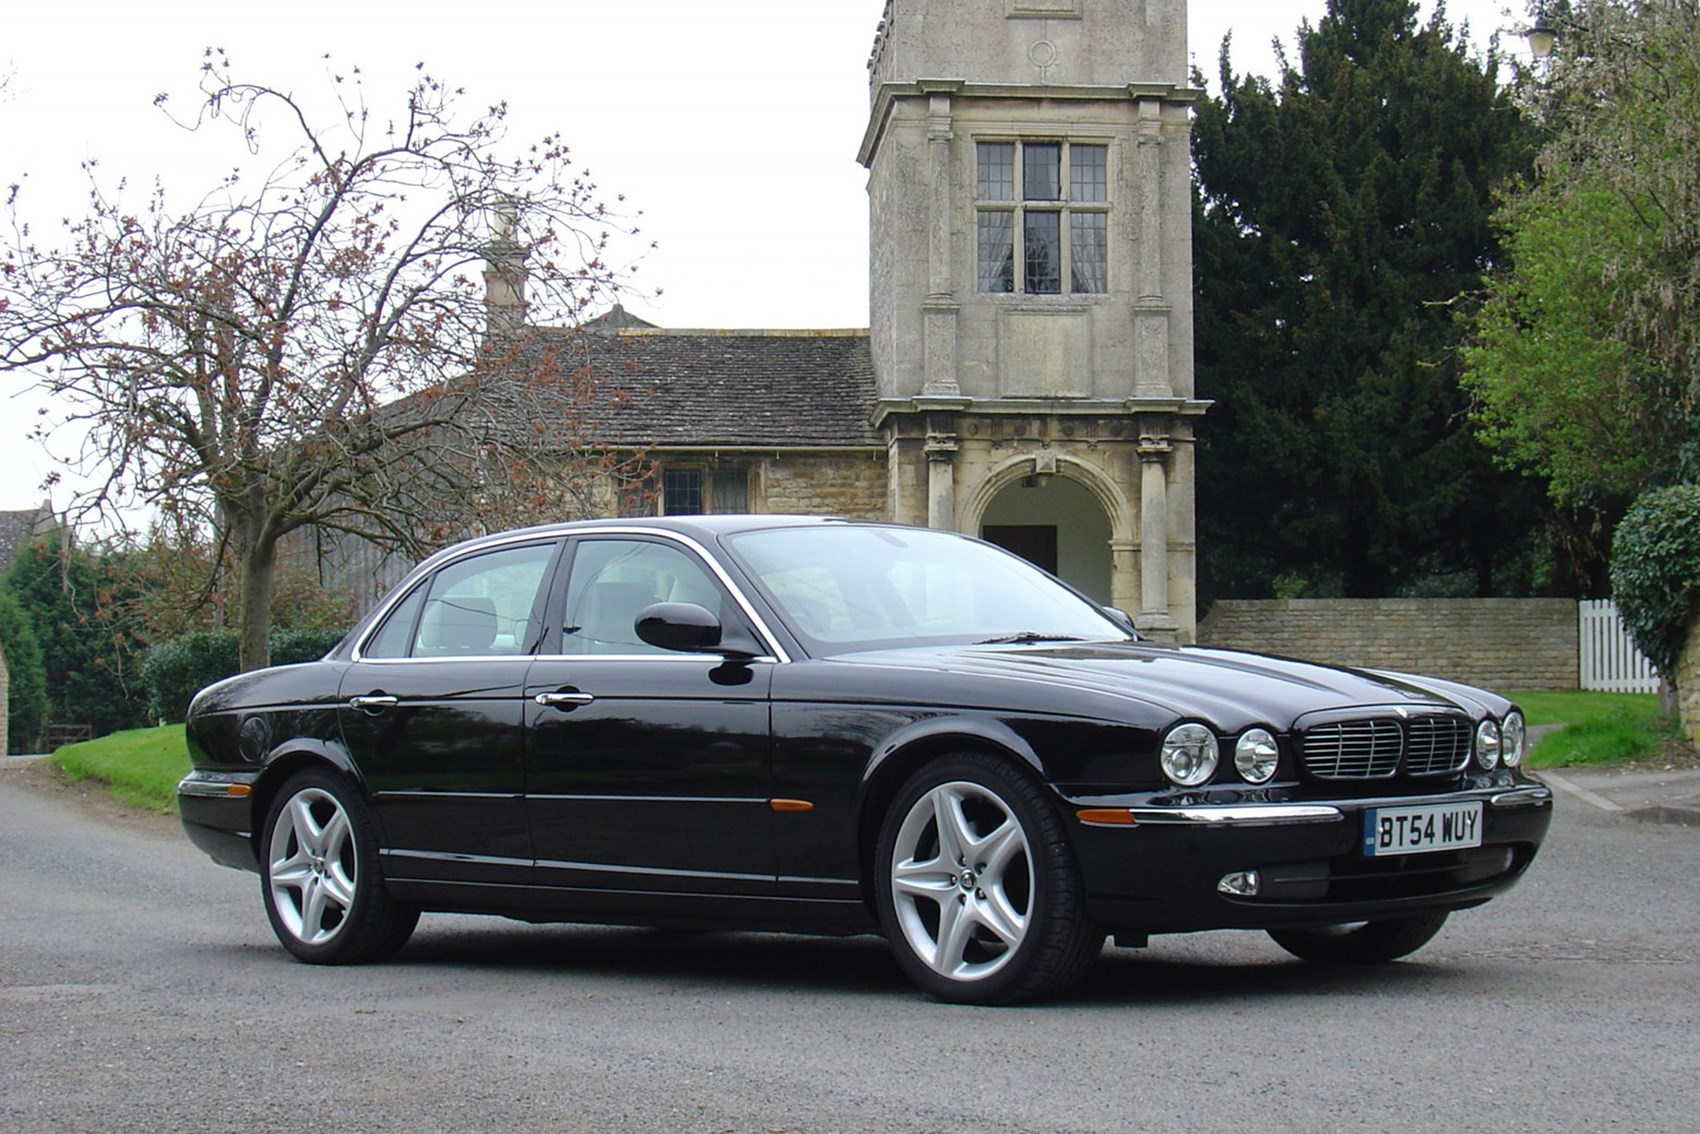 Jaguar XJ - luxury cars for less than £10k